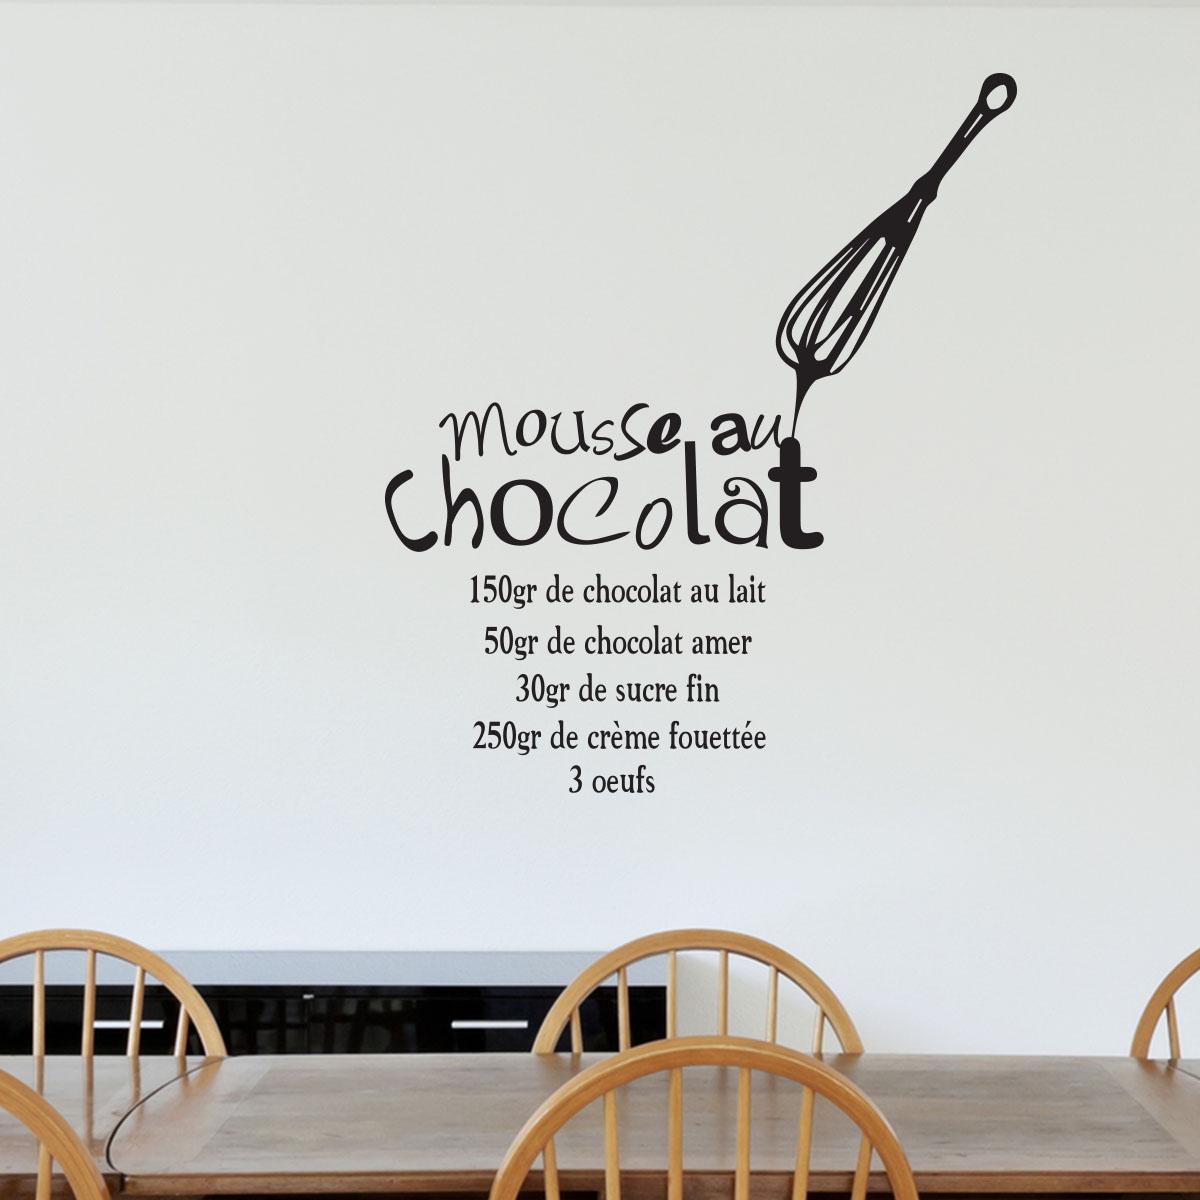 Sticker Recette Mousse Au Chocolat Stickers Cuisine